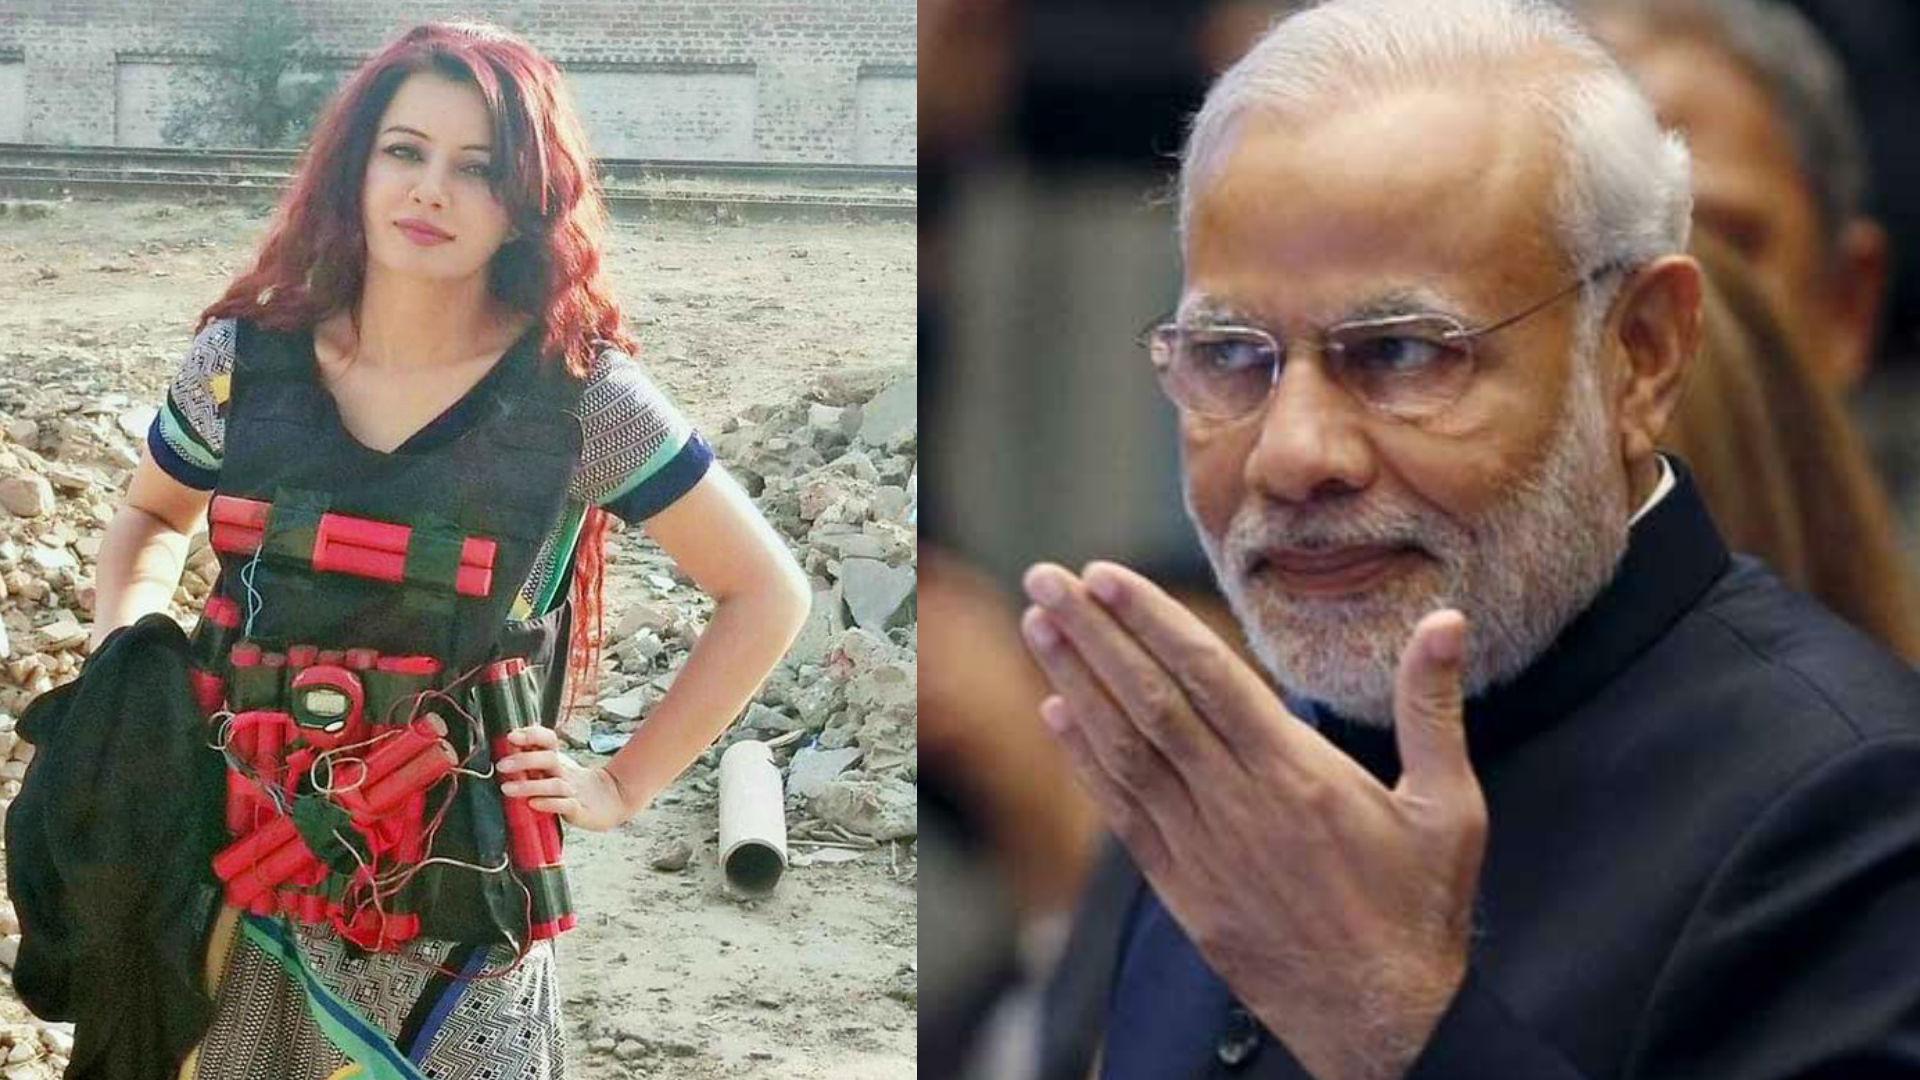 पाकिस्तानी पॉप सिंगर राबी पीरजादा बनीं आत्मघाती हमलावर! पीएम नरेंद्र मोदी के लिए लिखा ये मैसेज